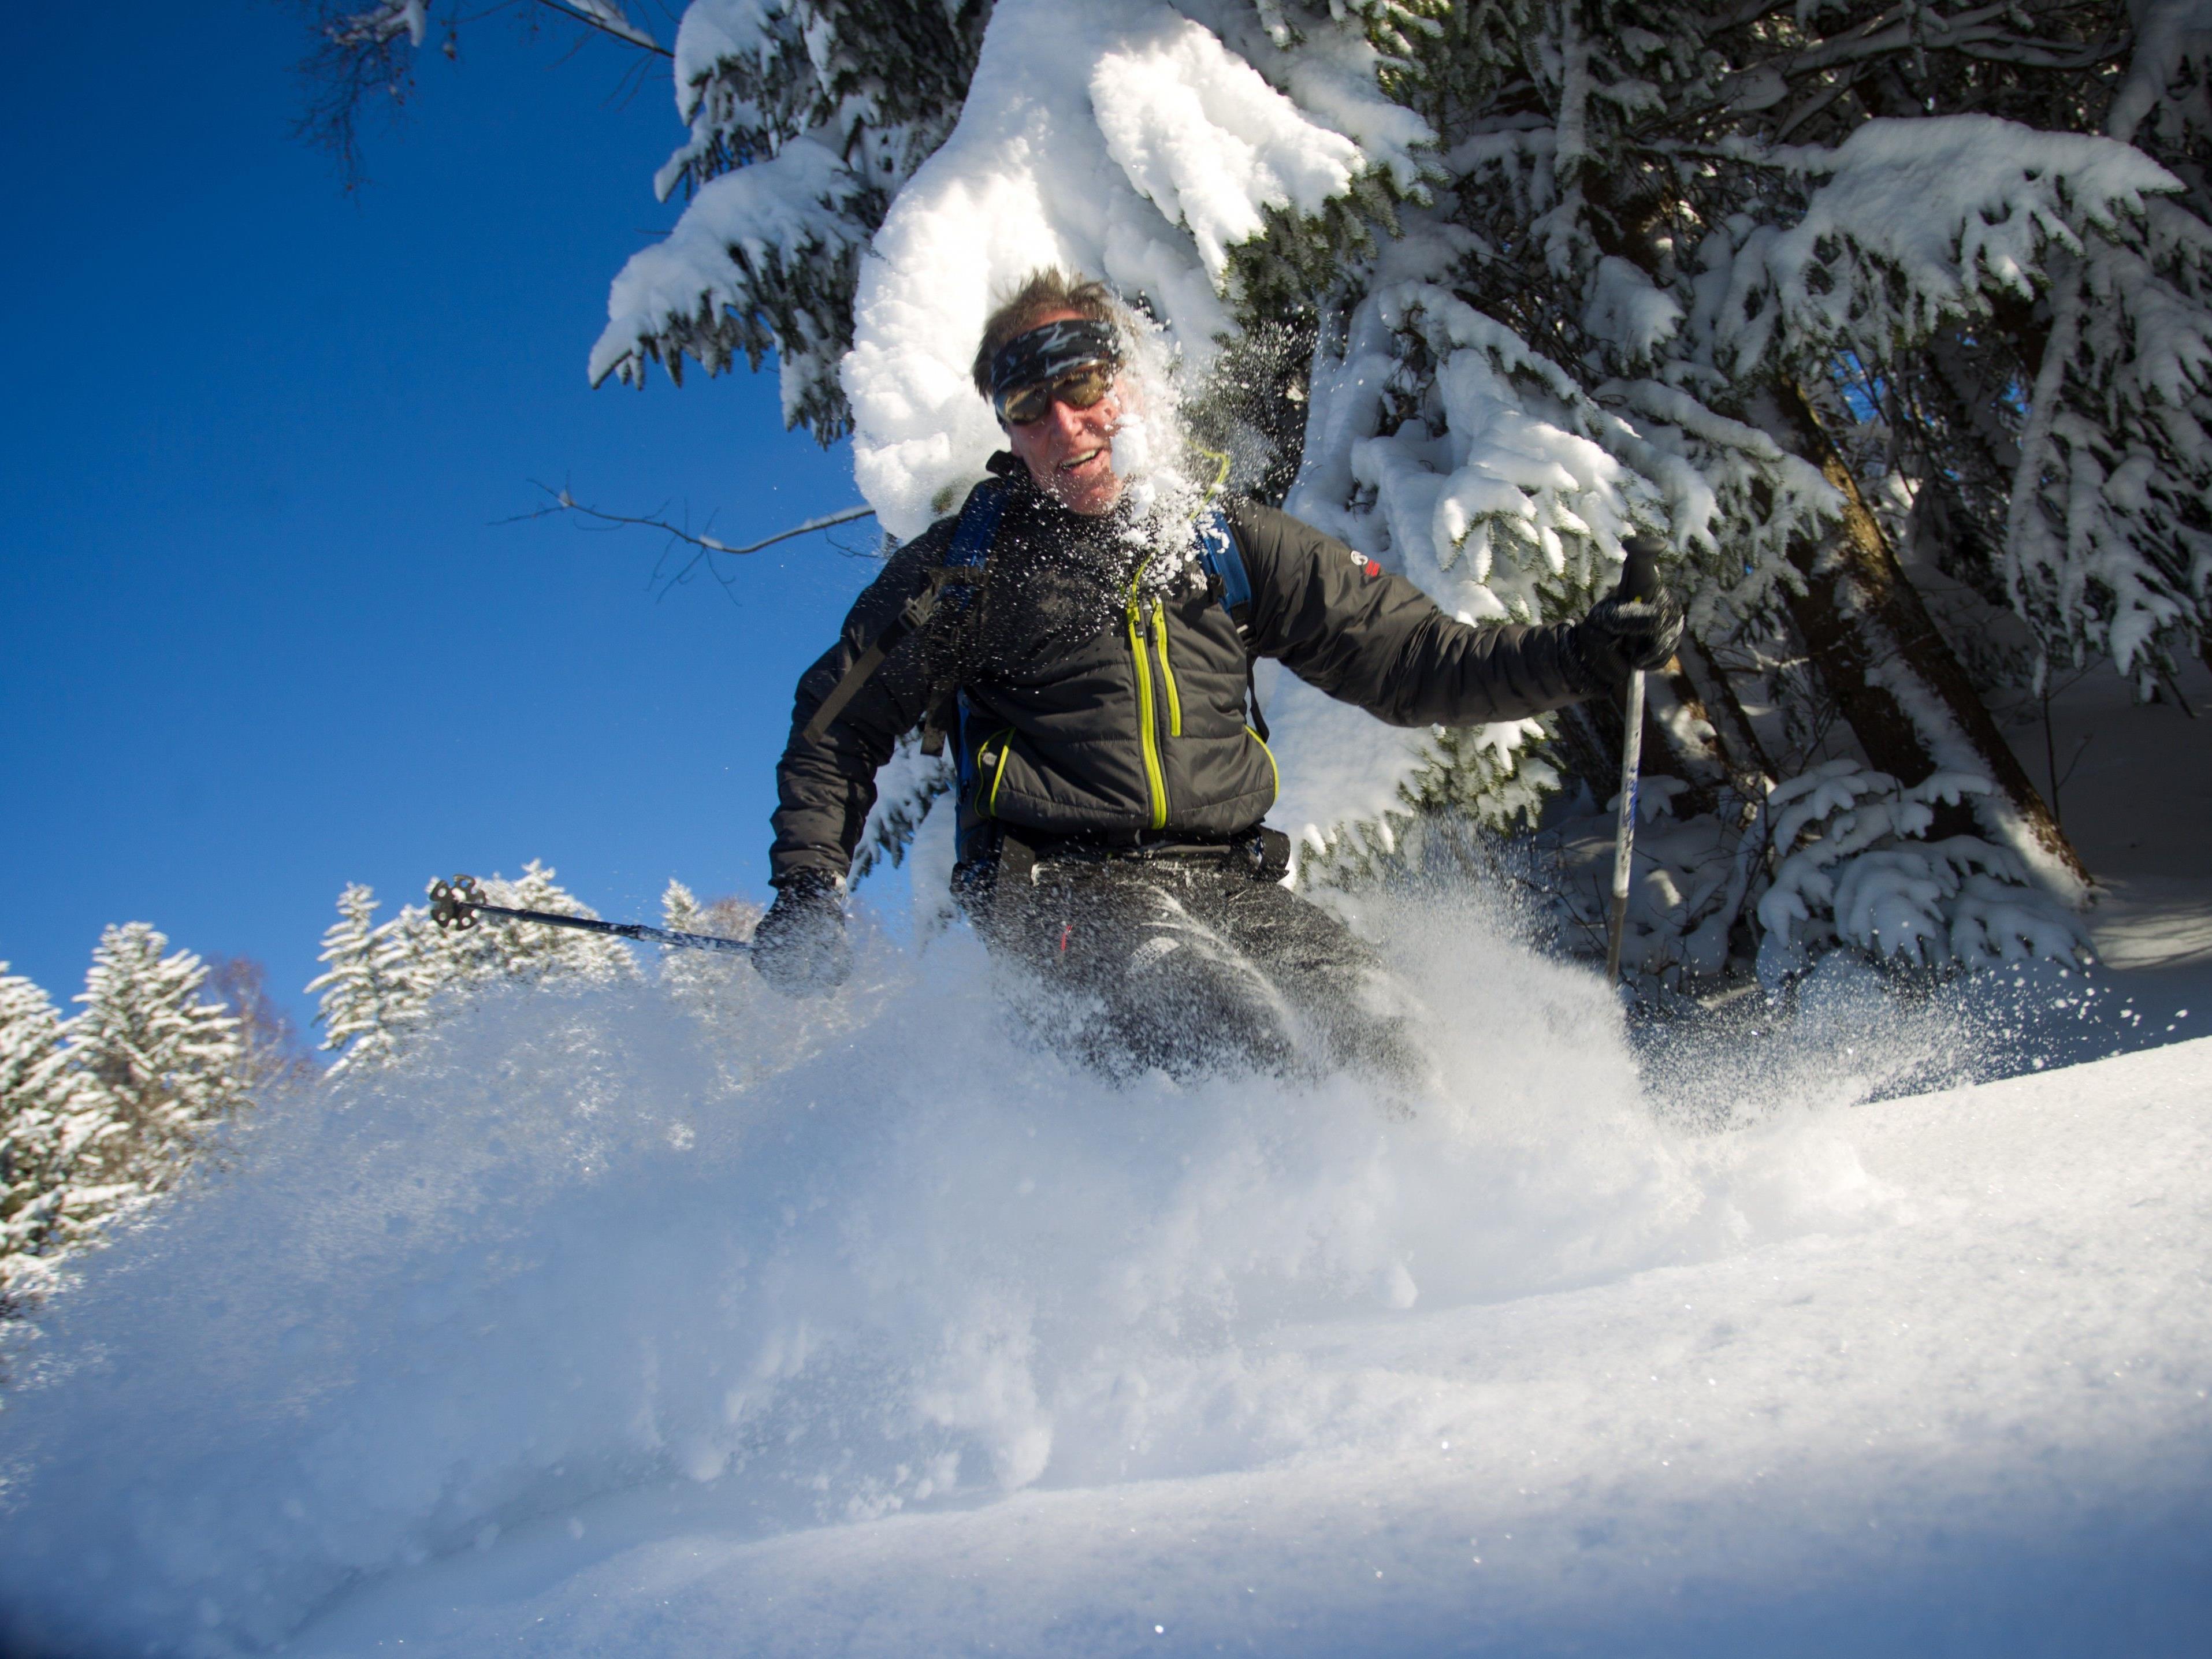 Wenn keine Betretungs- oder Befahrungsverbote gelten, ist Skifahren im Wald grundsätzlich erlaubt.